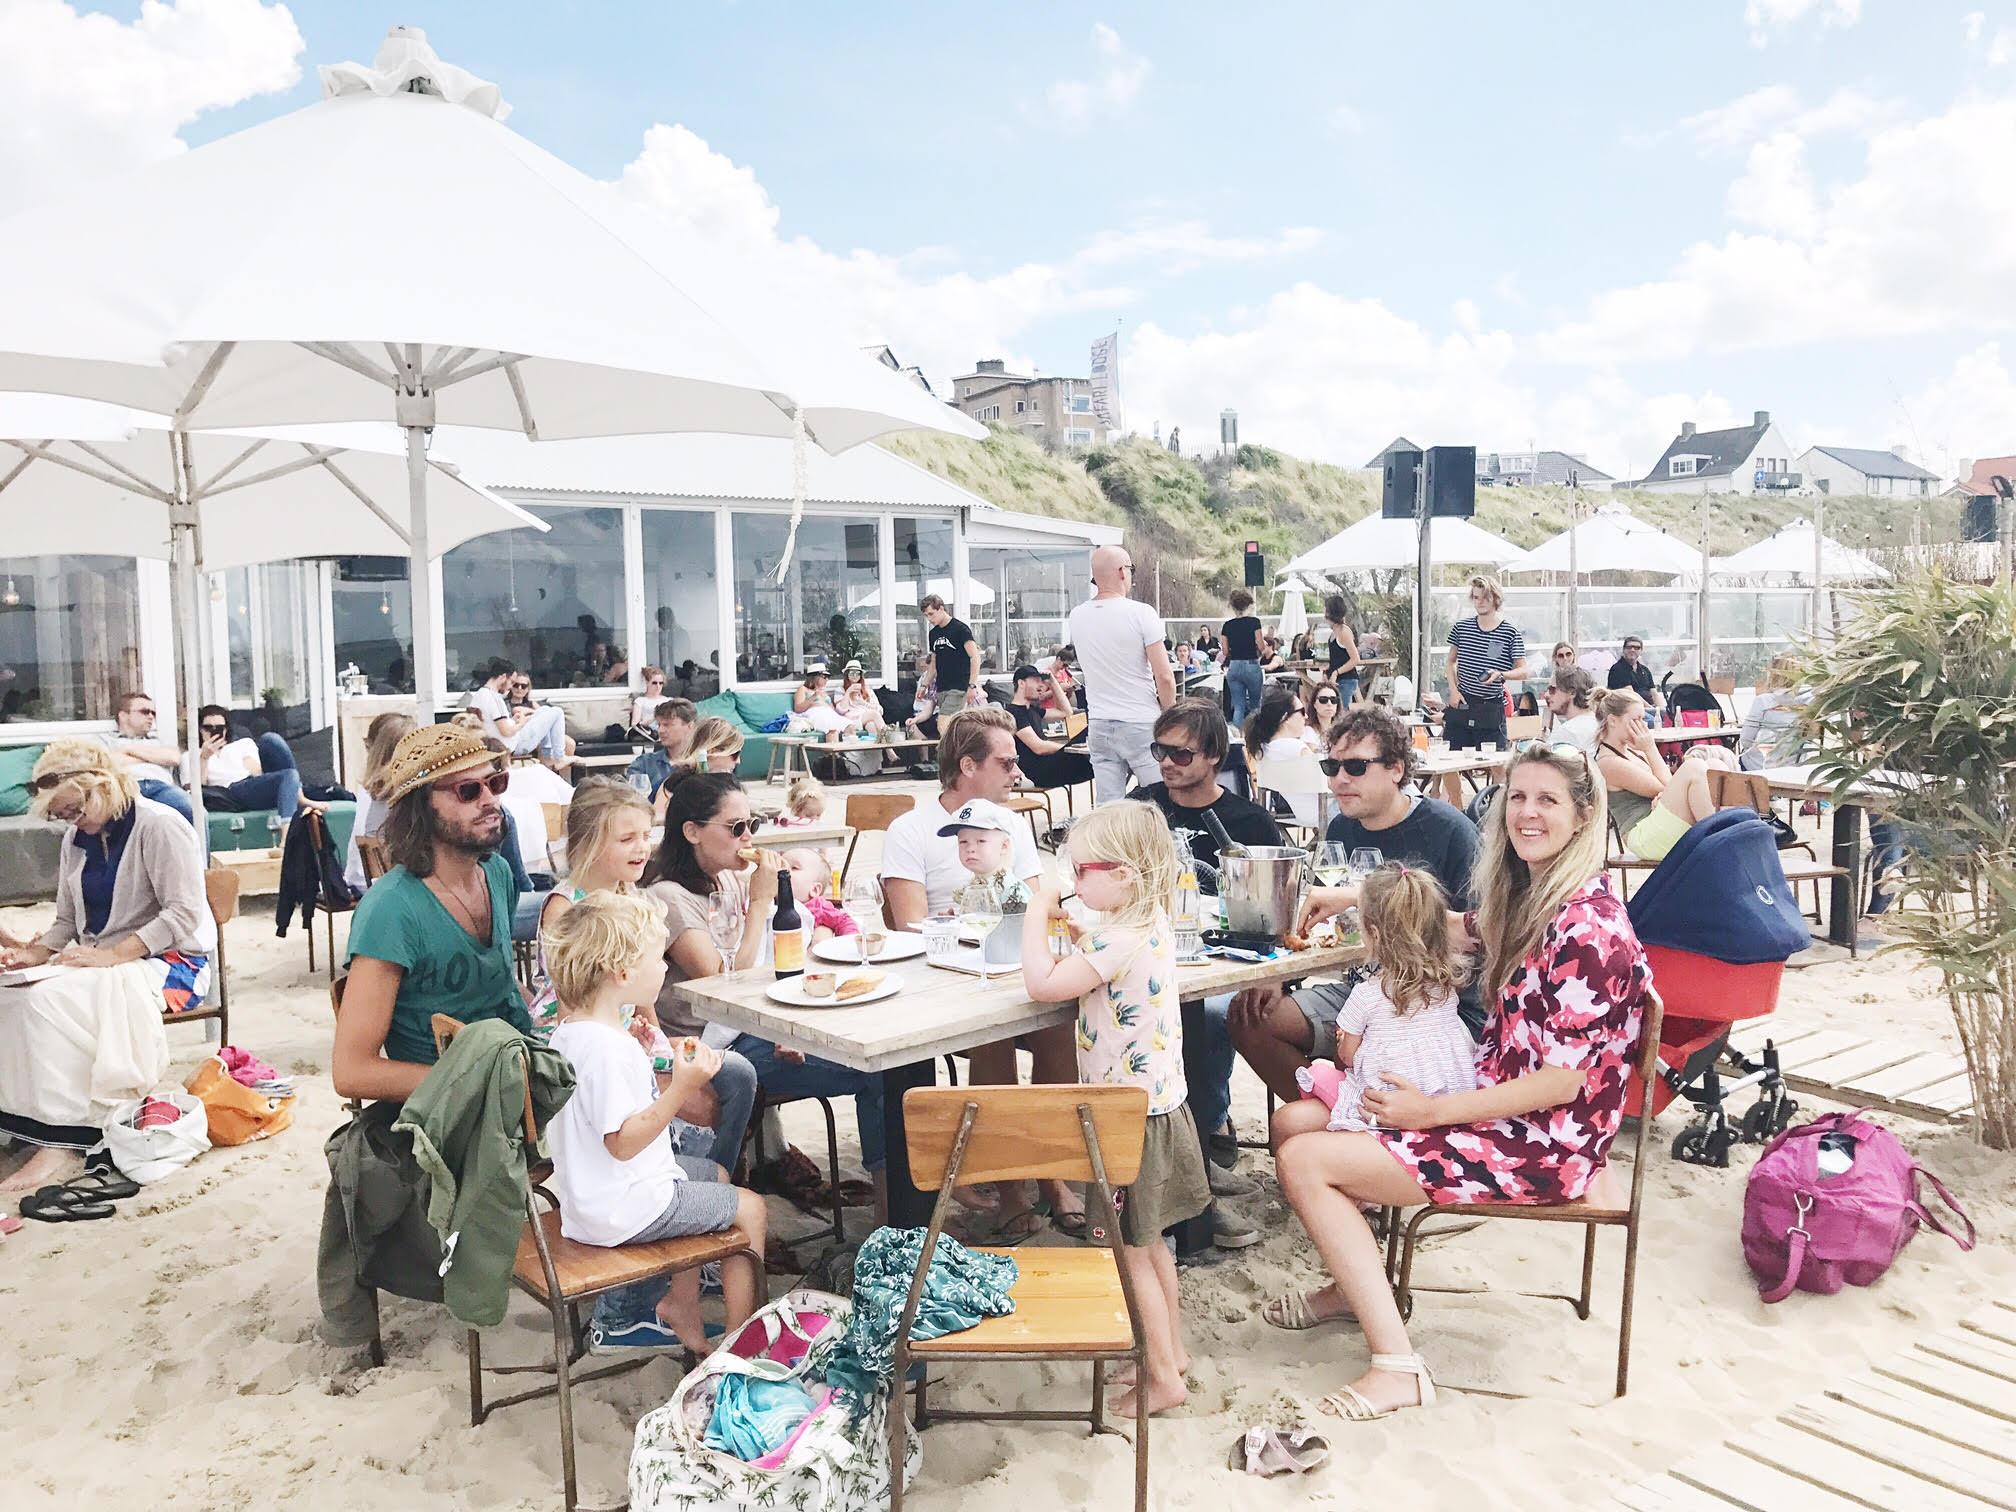 zandvoort kindvriendelijk CITYMOM.nl 5 | Hippie Fish